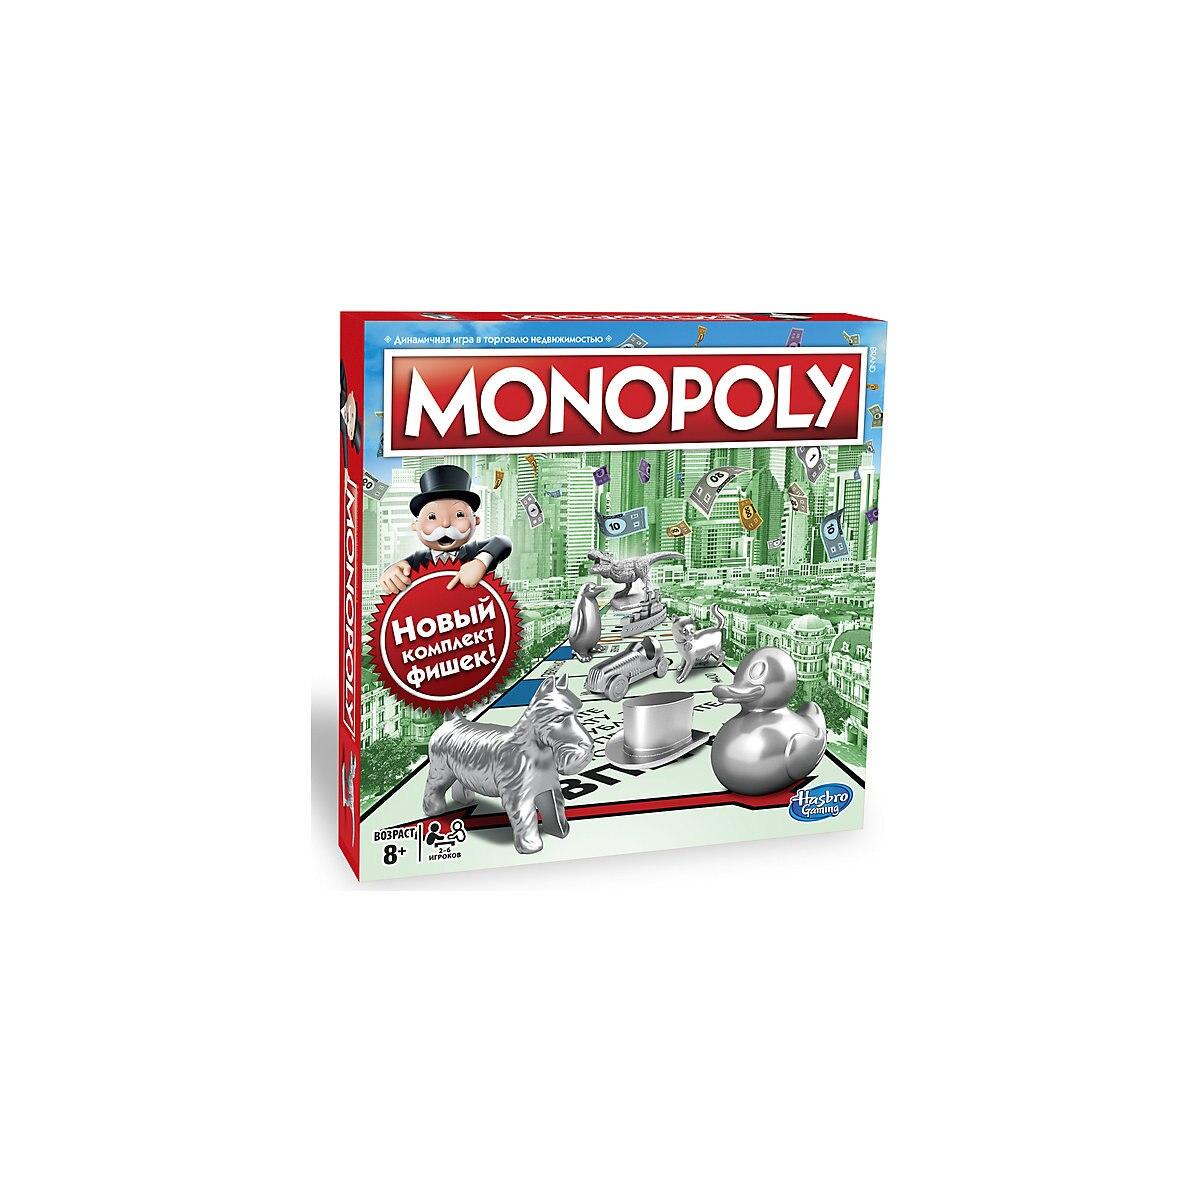 Jeux de fête HASBRO 7197988 jeu de société motricité Fine Dobble Rummikub jouets éducatifs - 4